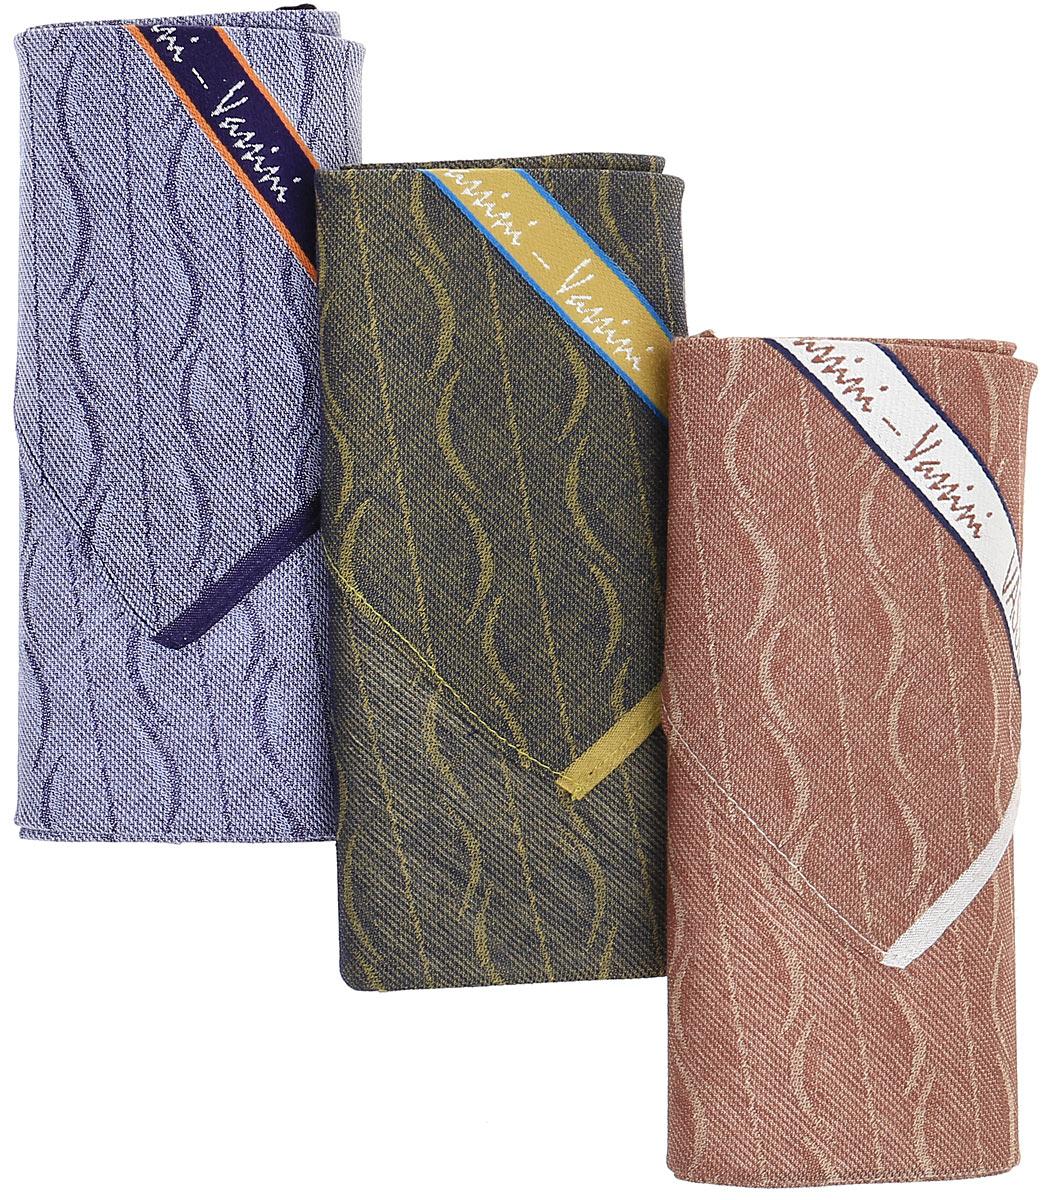 Платок носовой мужской Zlata Korunka, цвет: мультиколор, 3 шт. М05. Размер 45 х 45 смМ05Носовые платки изготовлены из натурального хлопка, приятны в использовании, хорошо стираются, материал не садится и отлично впитывает влагу. В упаковке 3 штуки.